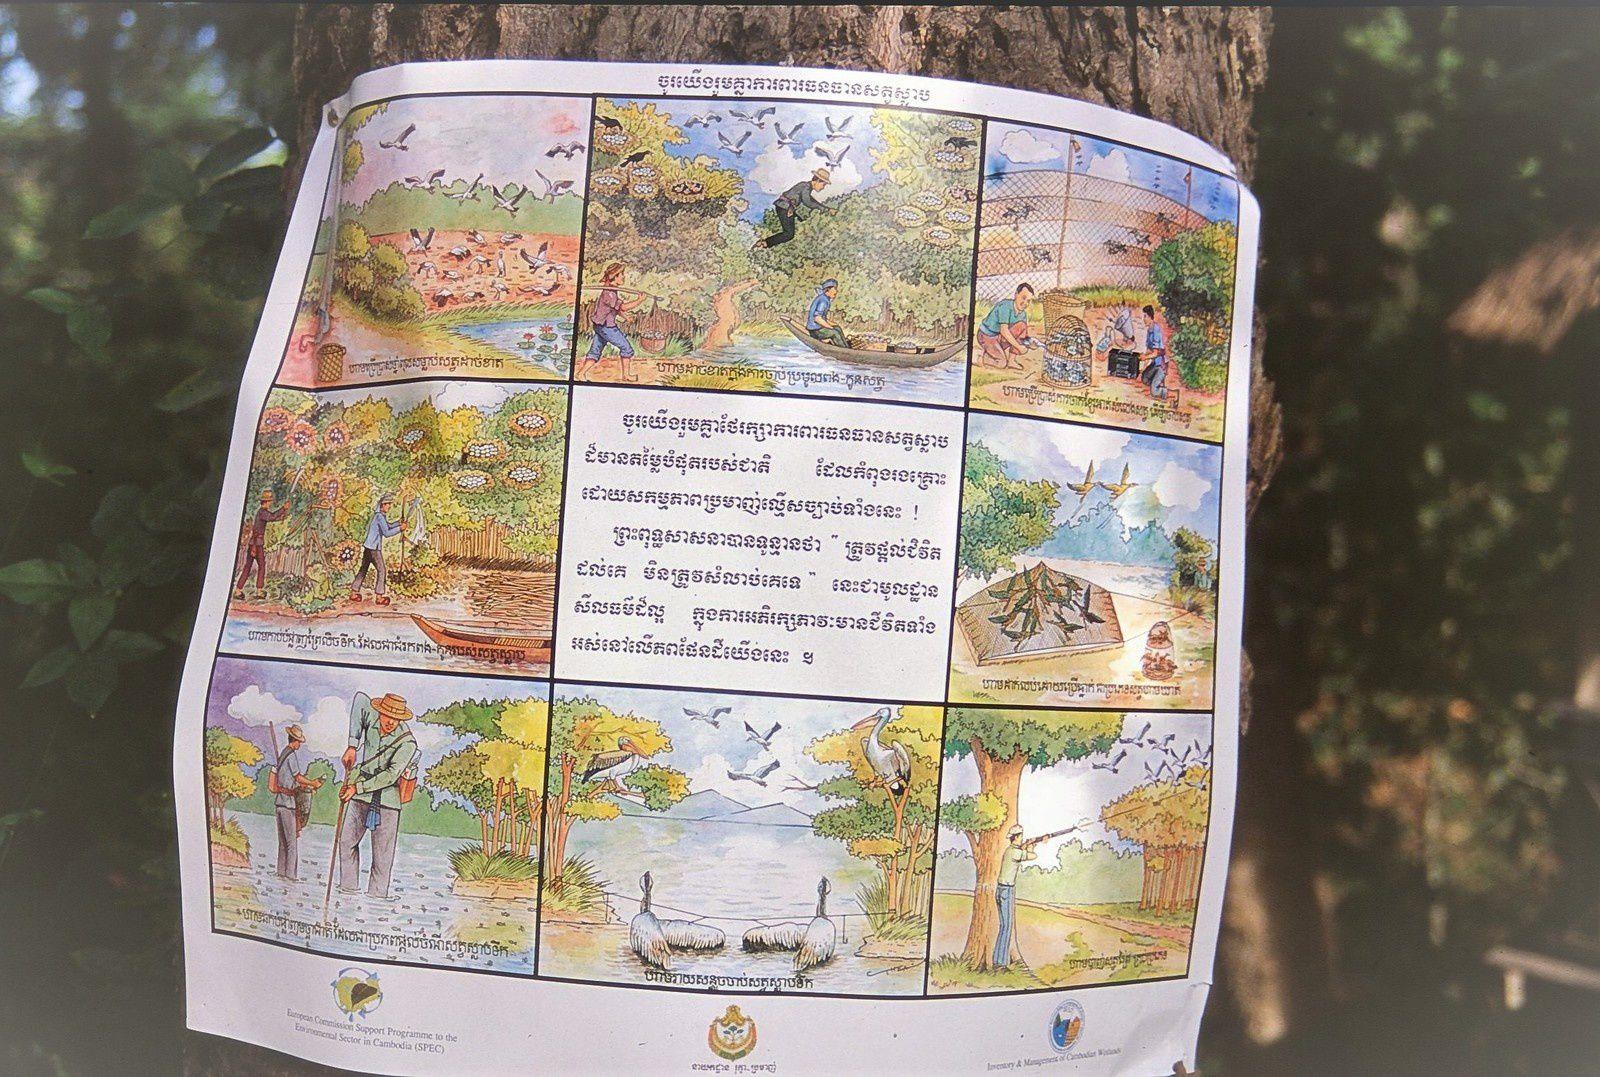 Cambodge : au secours de l'avifaune... et des agriculteurs